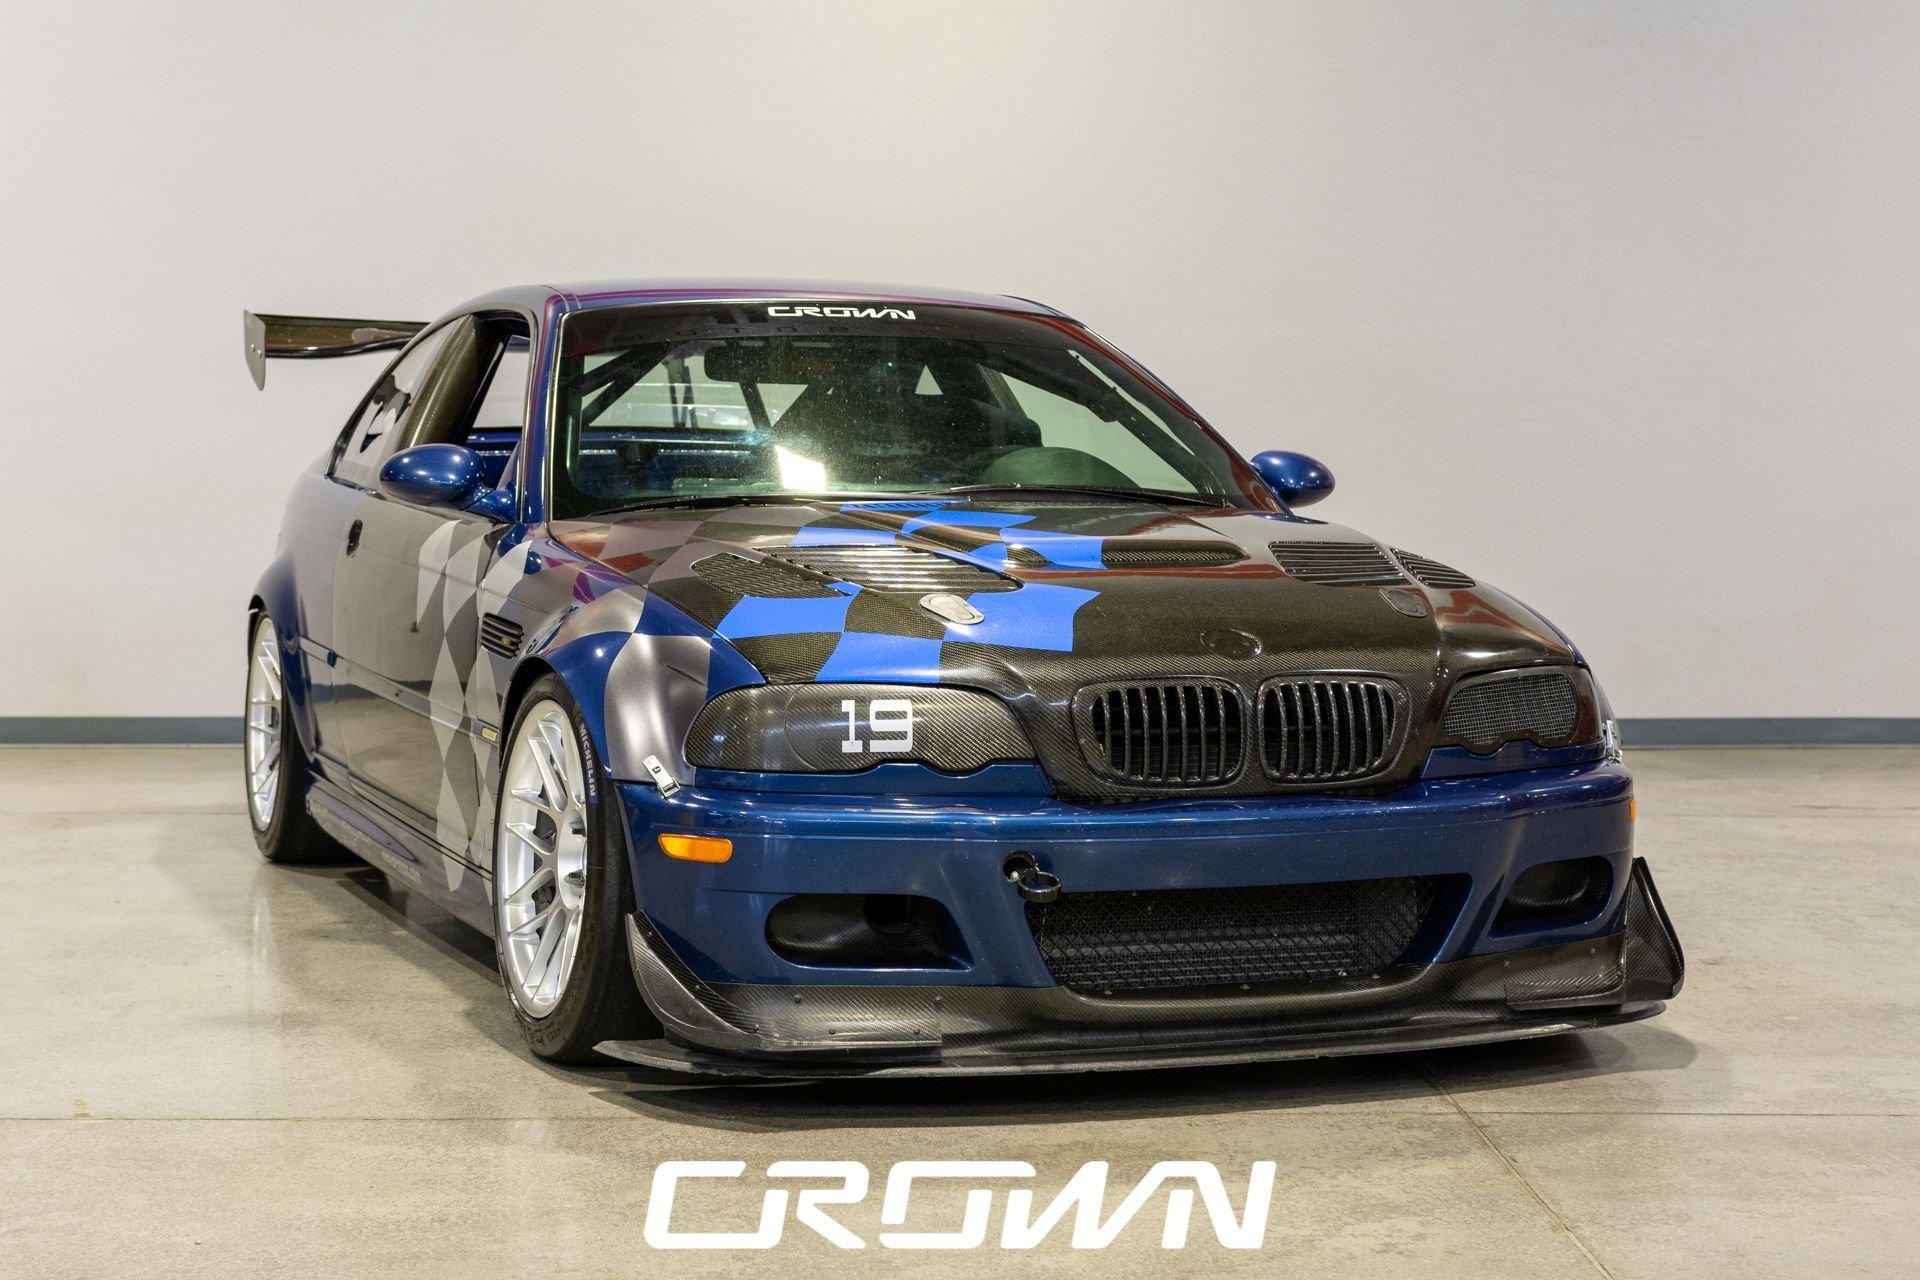 2002 bmw m3 e46 race car